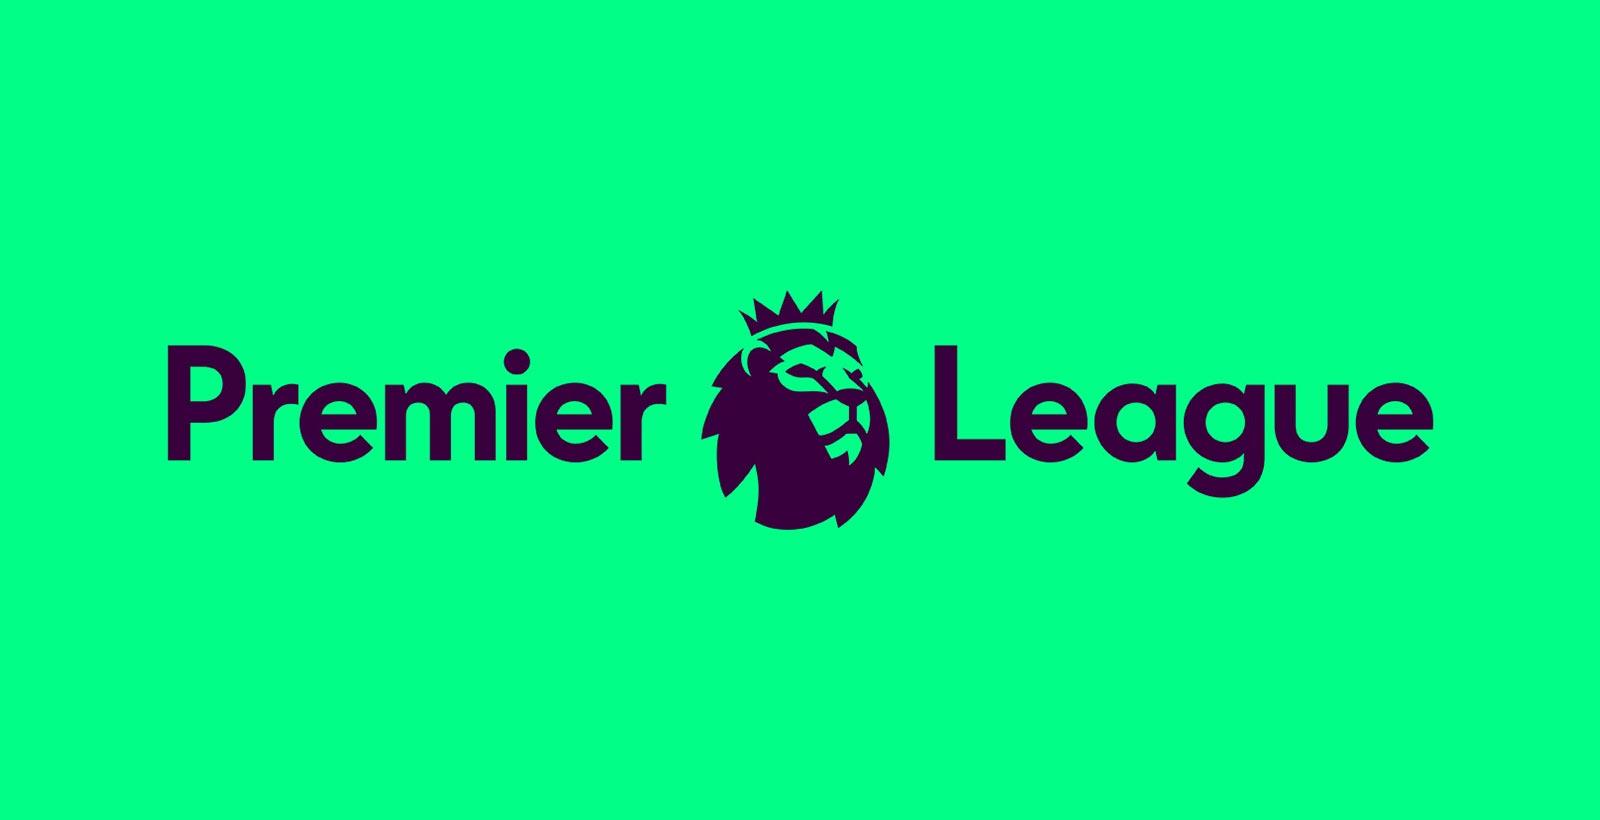 Resultados de Premier League resultados en directo la clasificación de la liga e información sobre todos los equipos de Premier League Fulham Watford Burnley